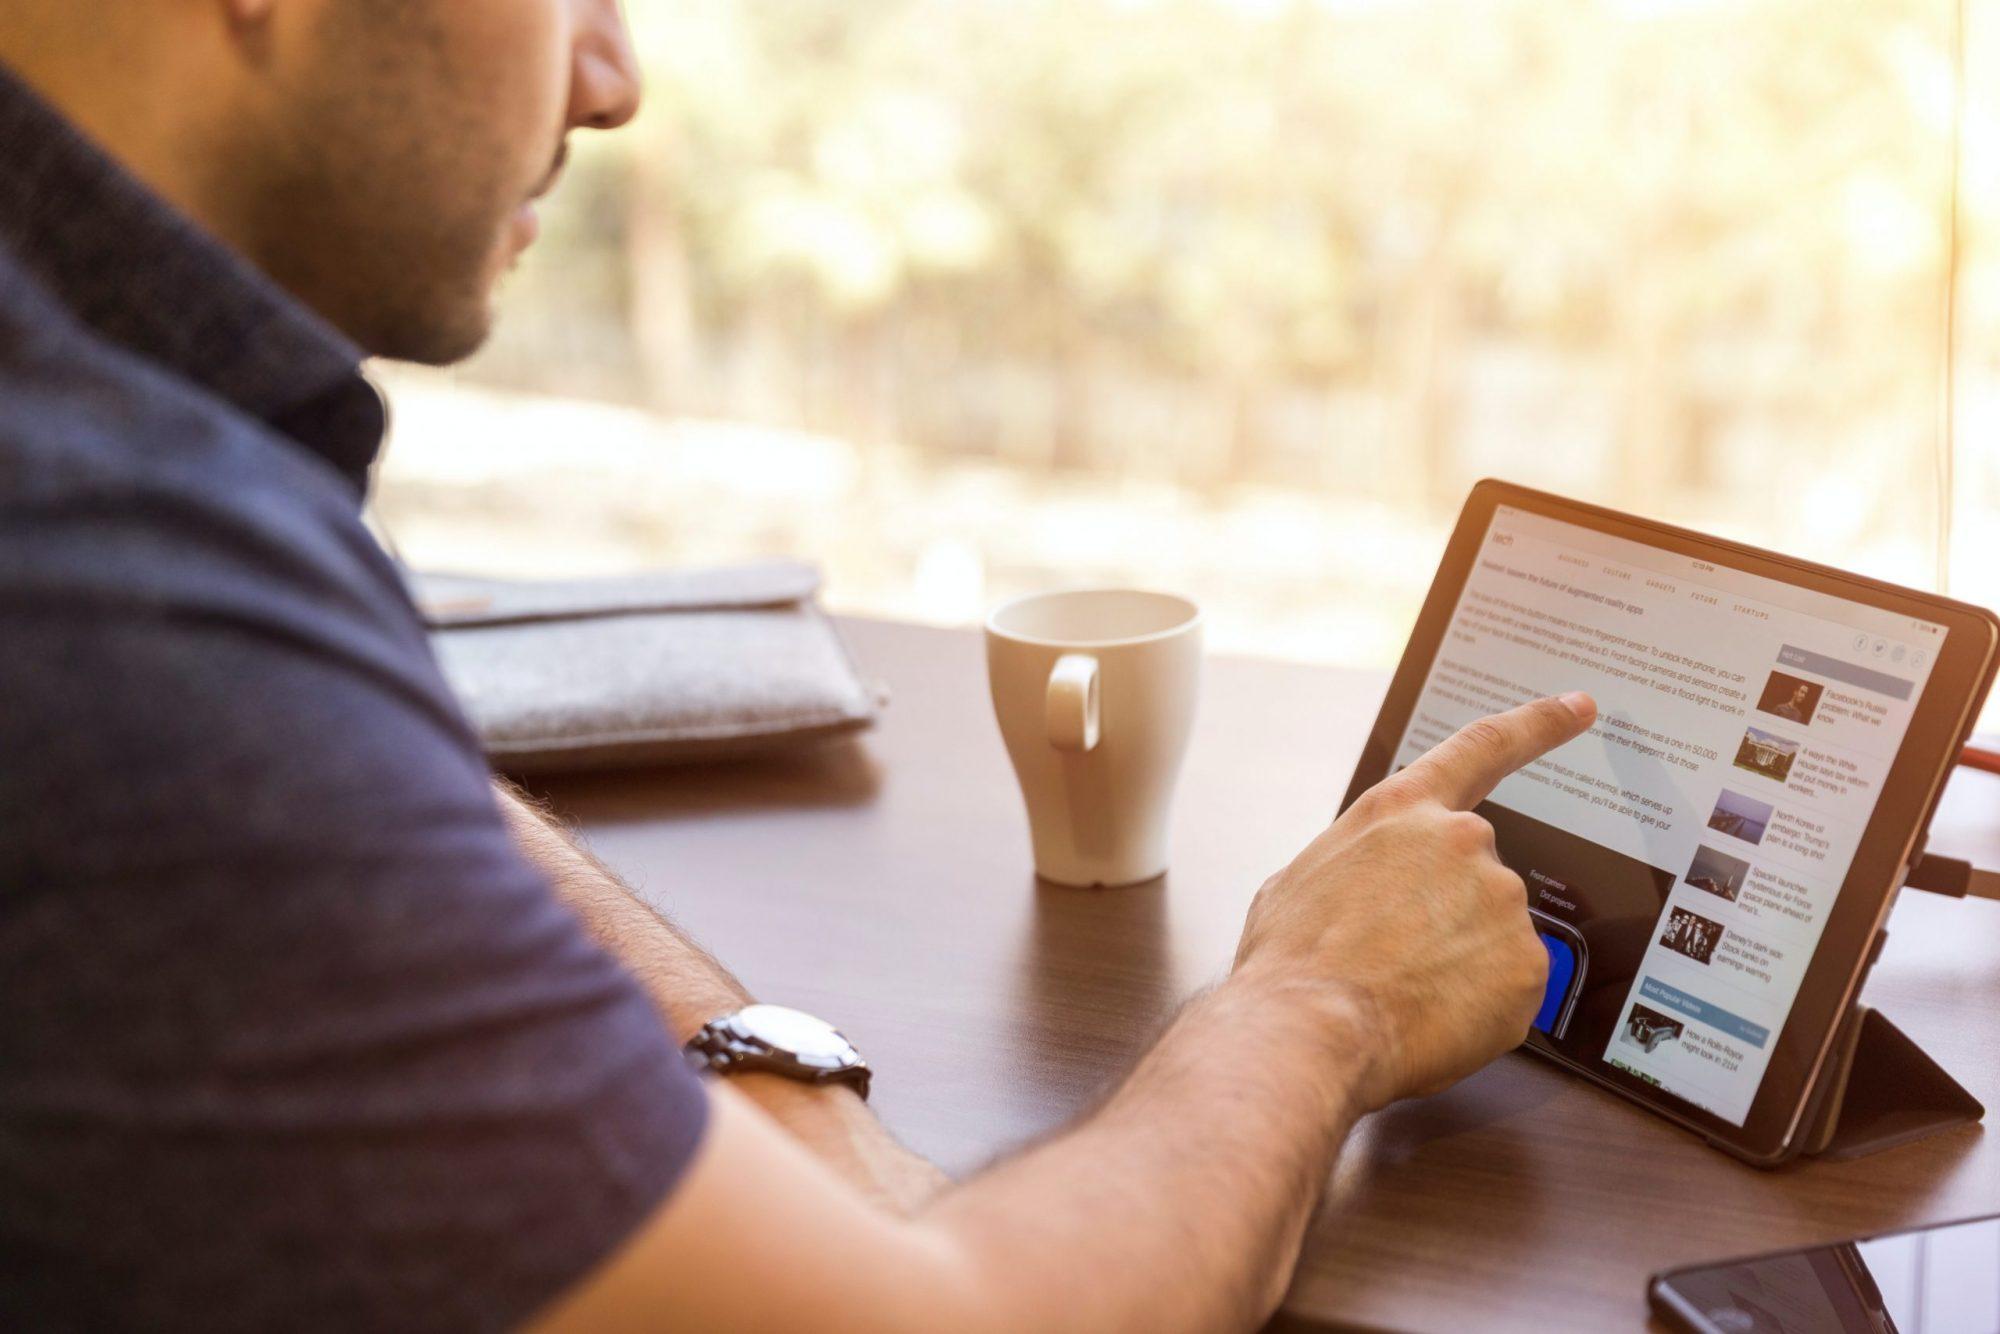 Hyödyllisiä sivustoja pienten lasten vanhemmille – Nämä kannattaa tallentaa suosikkeihin